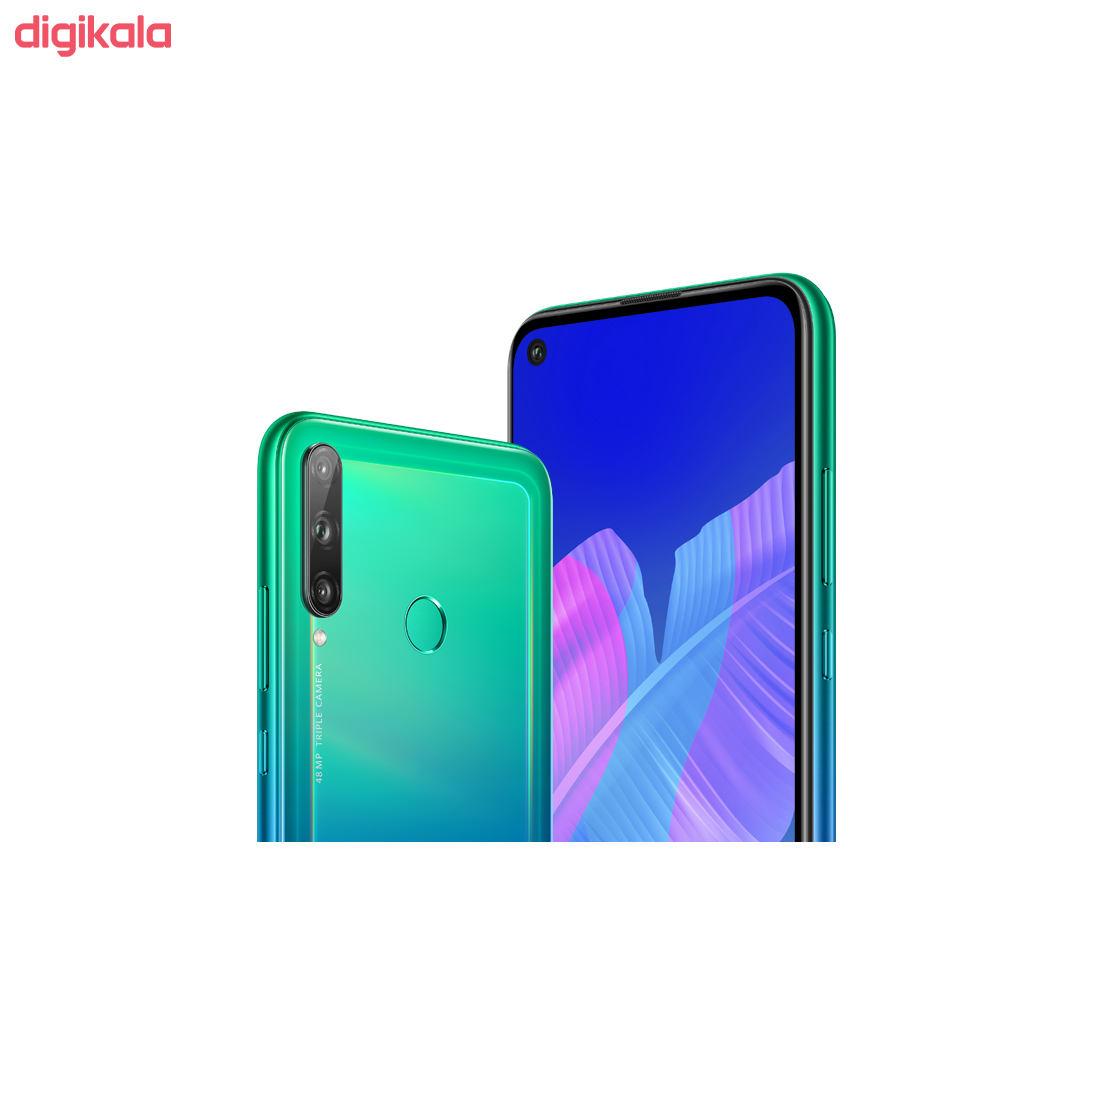 گوشی موبایل هوآوی مدل Huawei Y7p ART-L29 دو سیم کارت ظرفیت 64 گیگابایت به همراه کارت حافظه هدیه main 1 18